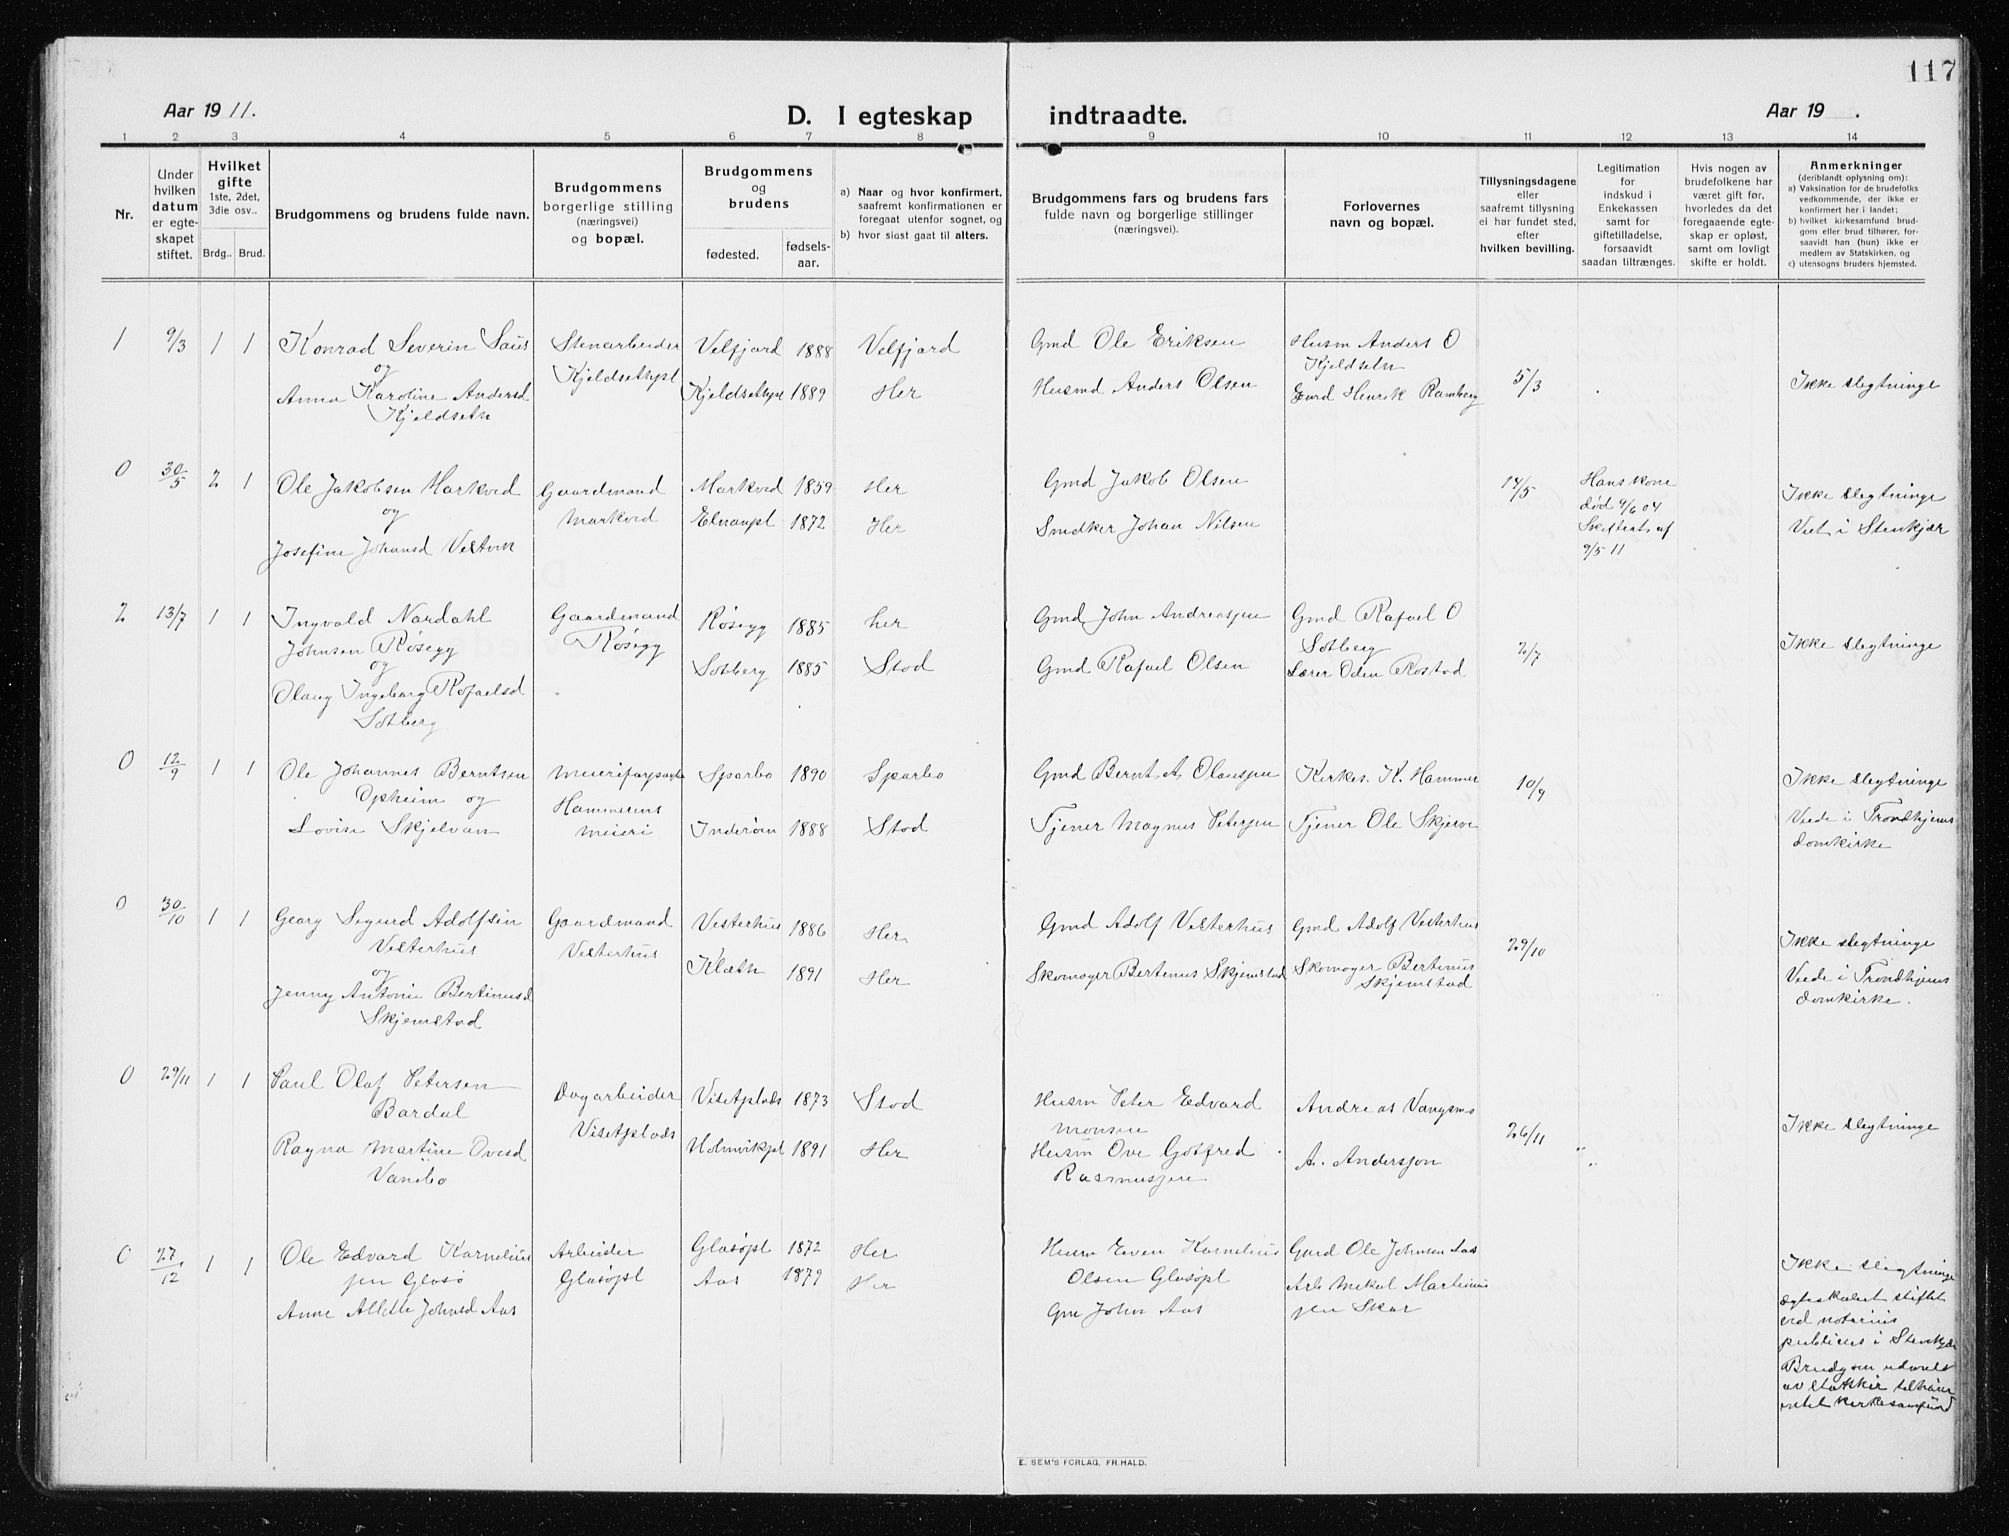 SAT, Ministerialprotokoller, klokkerbøker og fødselsregistre - Nord-Trøndelag, 741/L0402: Klokkerbok nr. 741C03, 1911-1926, s. 117